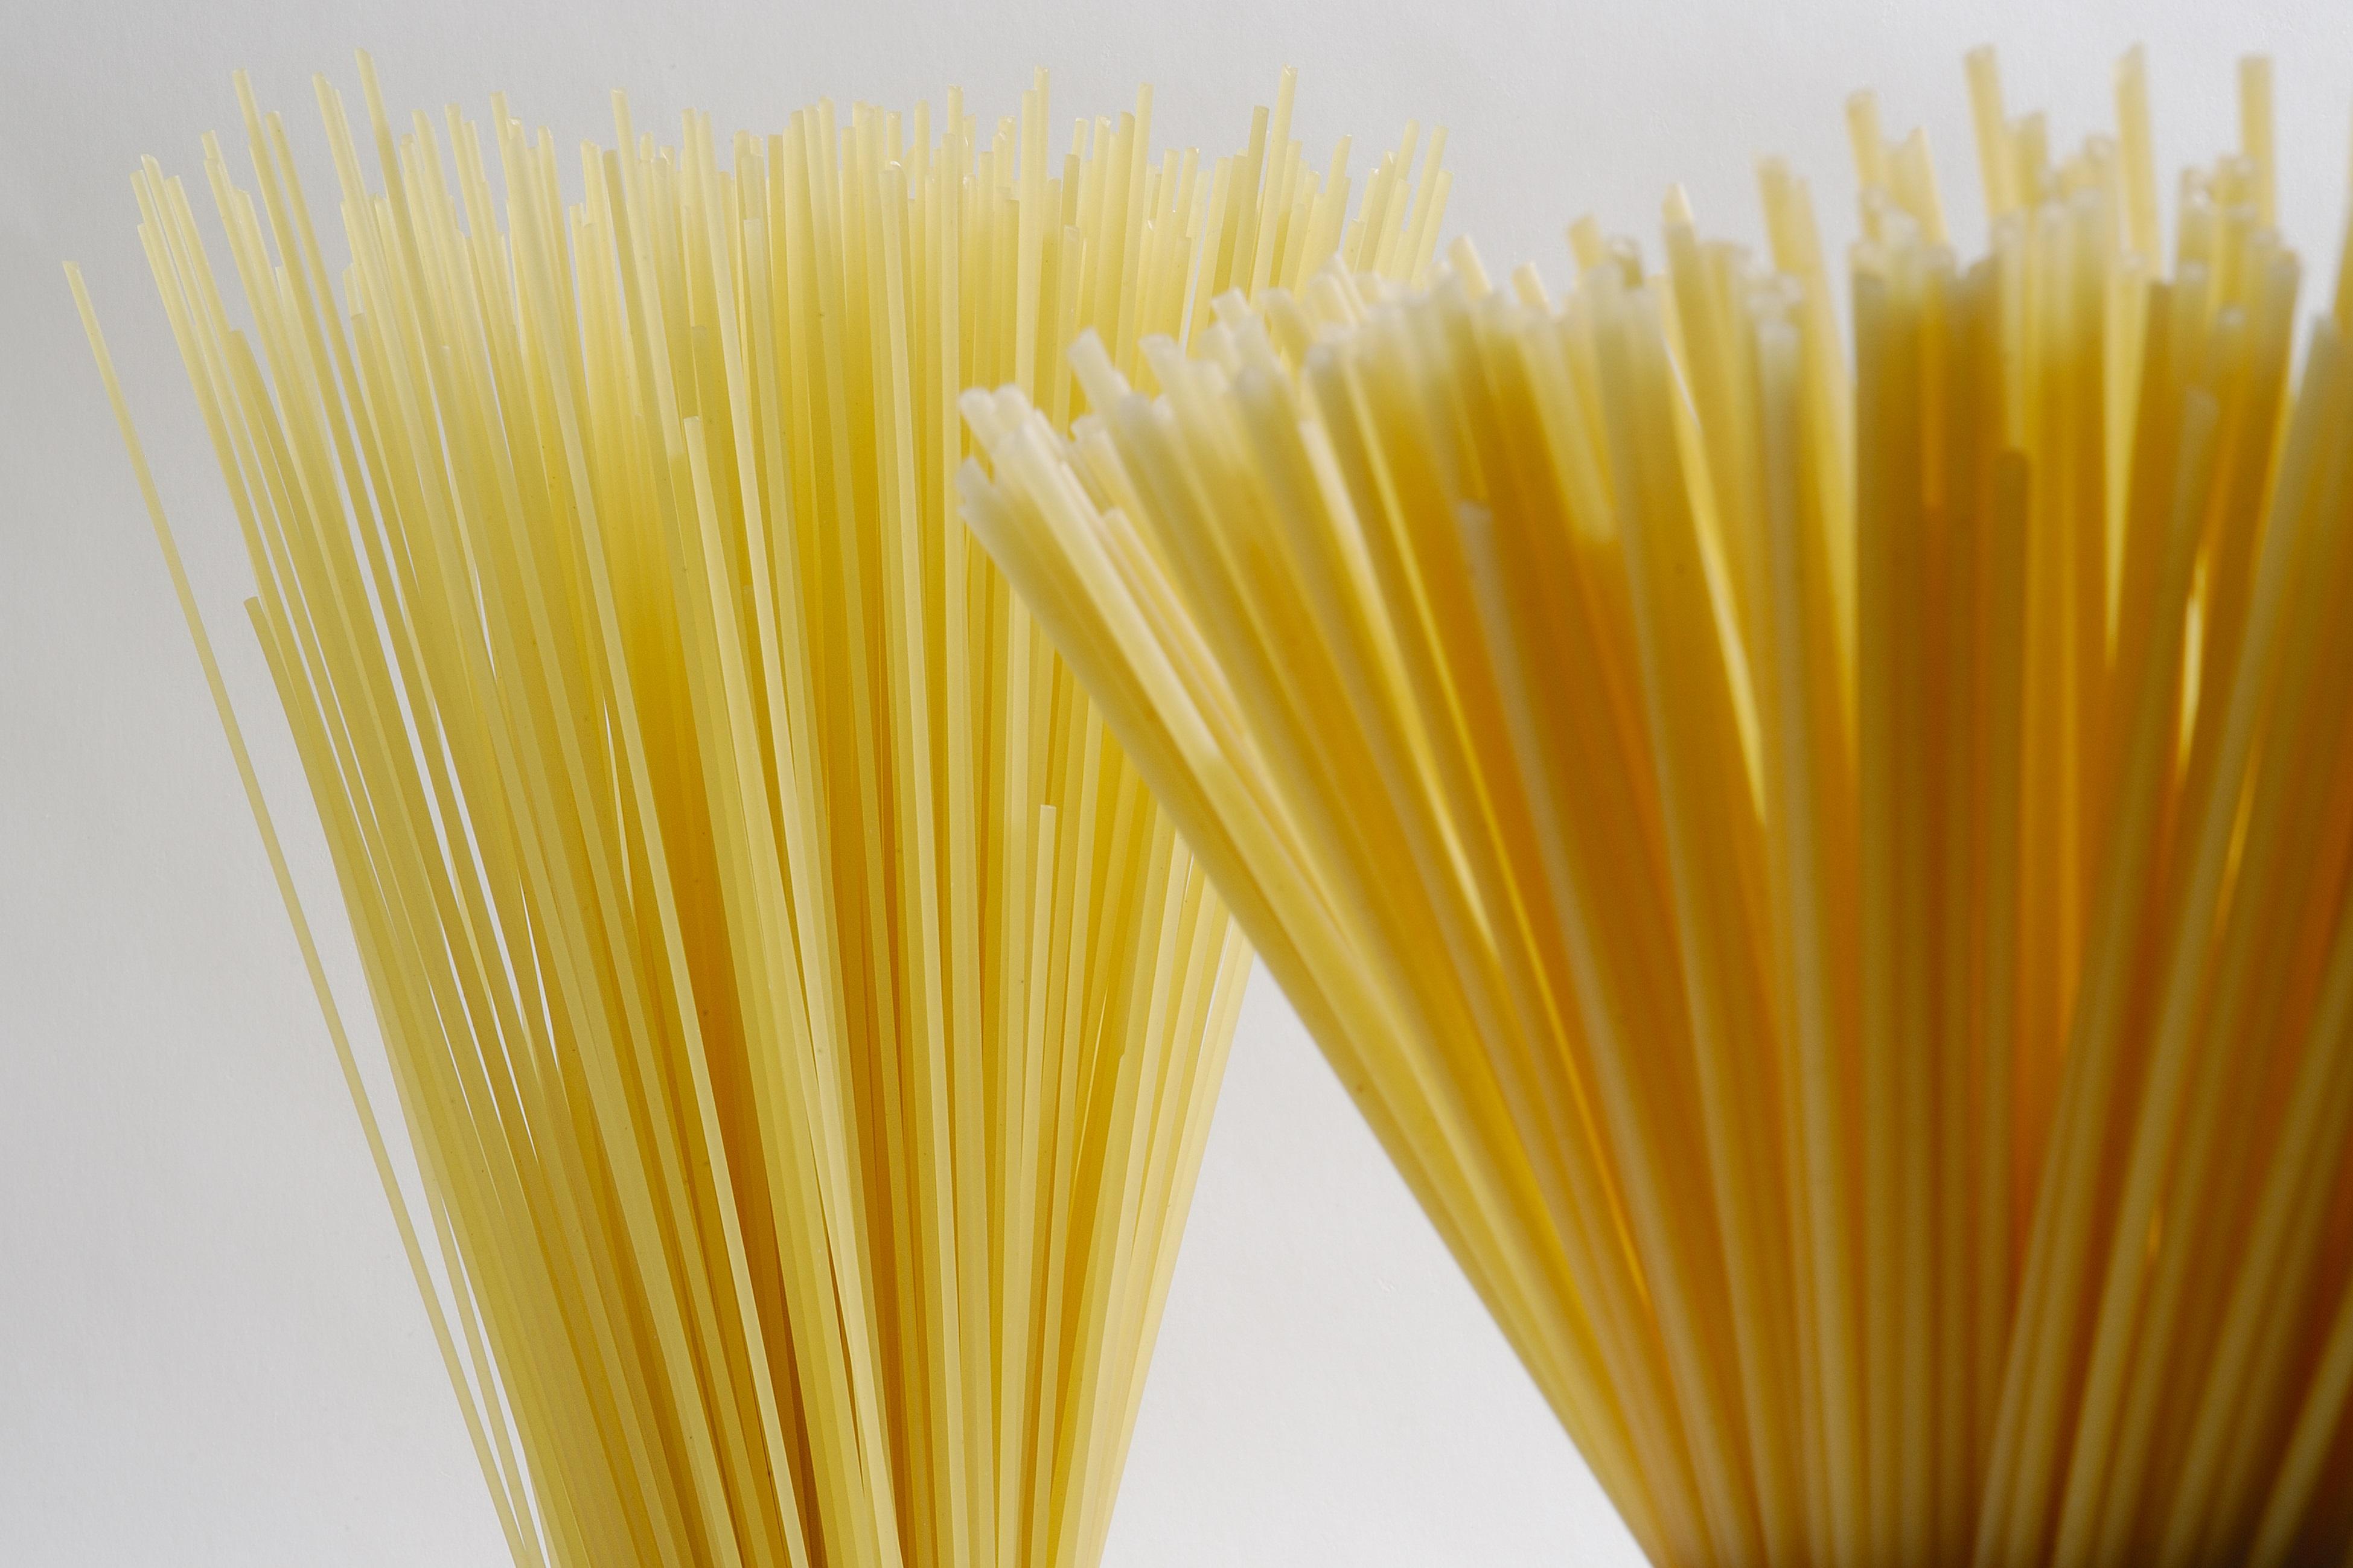 упаковка макарон италия